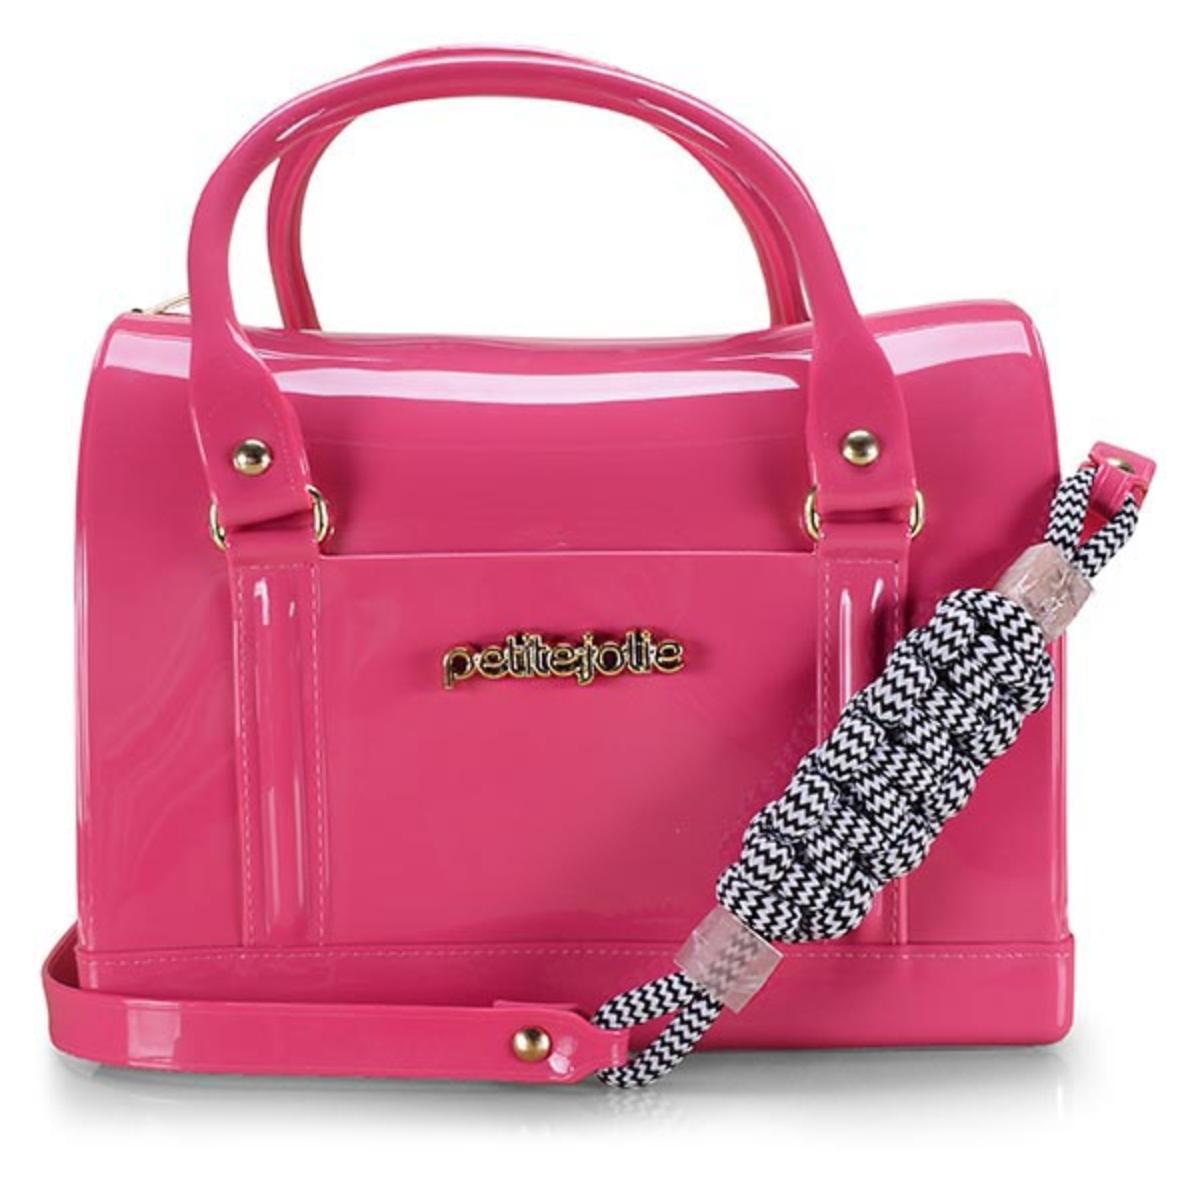 Bolsa Feminina Petite Jolie Pj4408 Pink